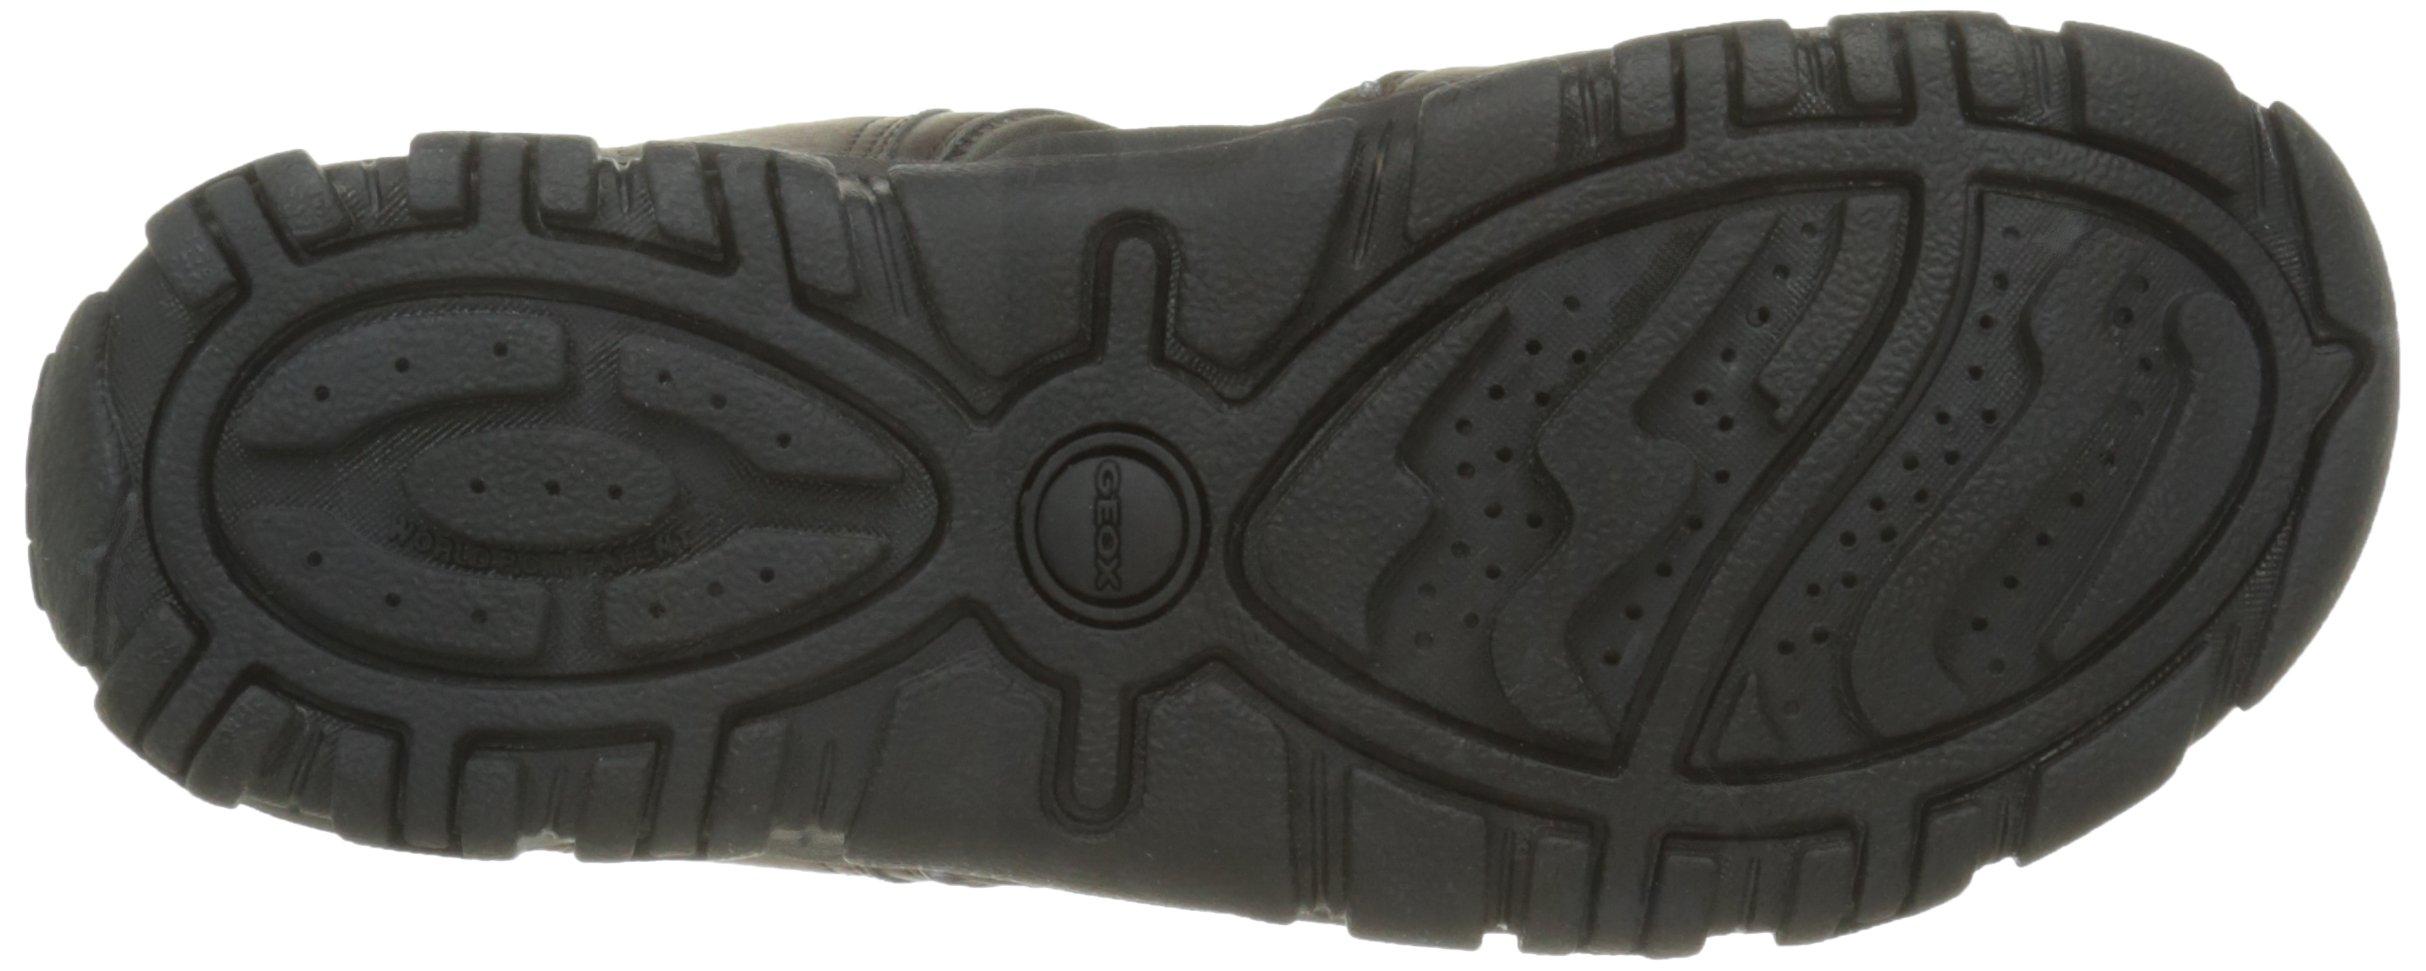 Geox Uomo Sandal Strada A, Sandalia con Pulsera Hombre